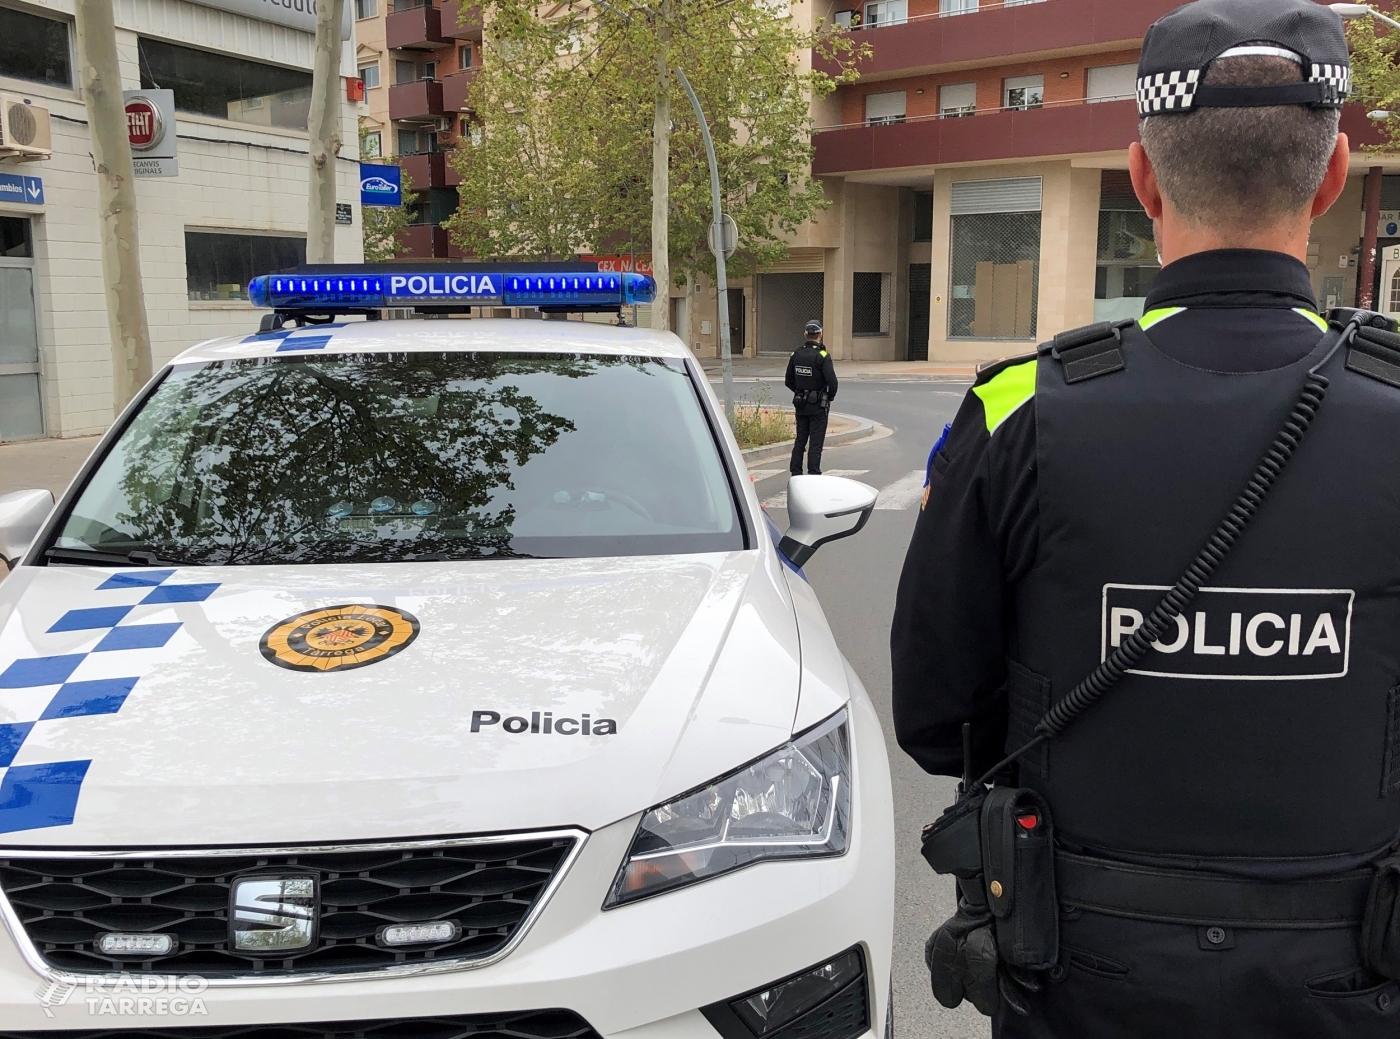 La Policia Local de Tàrrega deté dos homes per presumpte delicte contra la salut pública